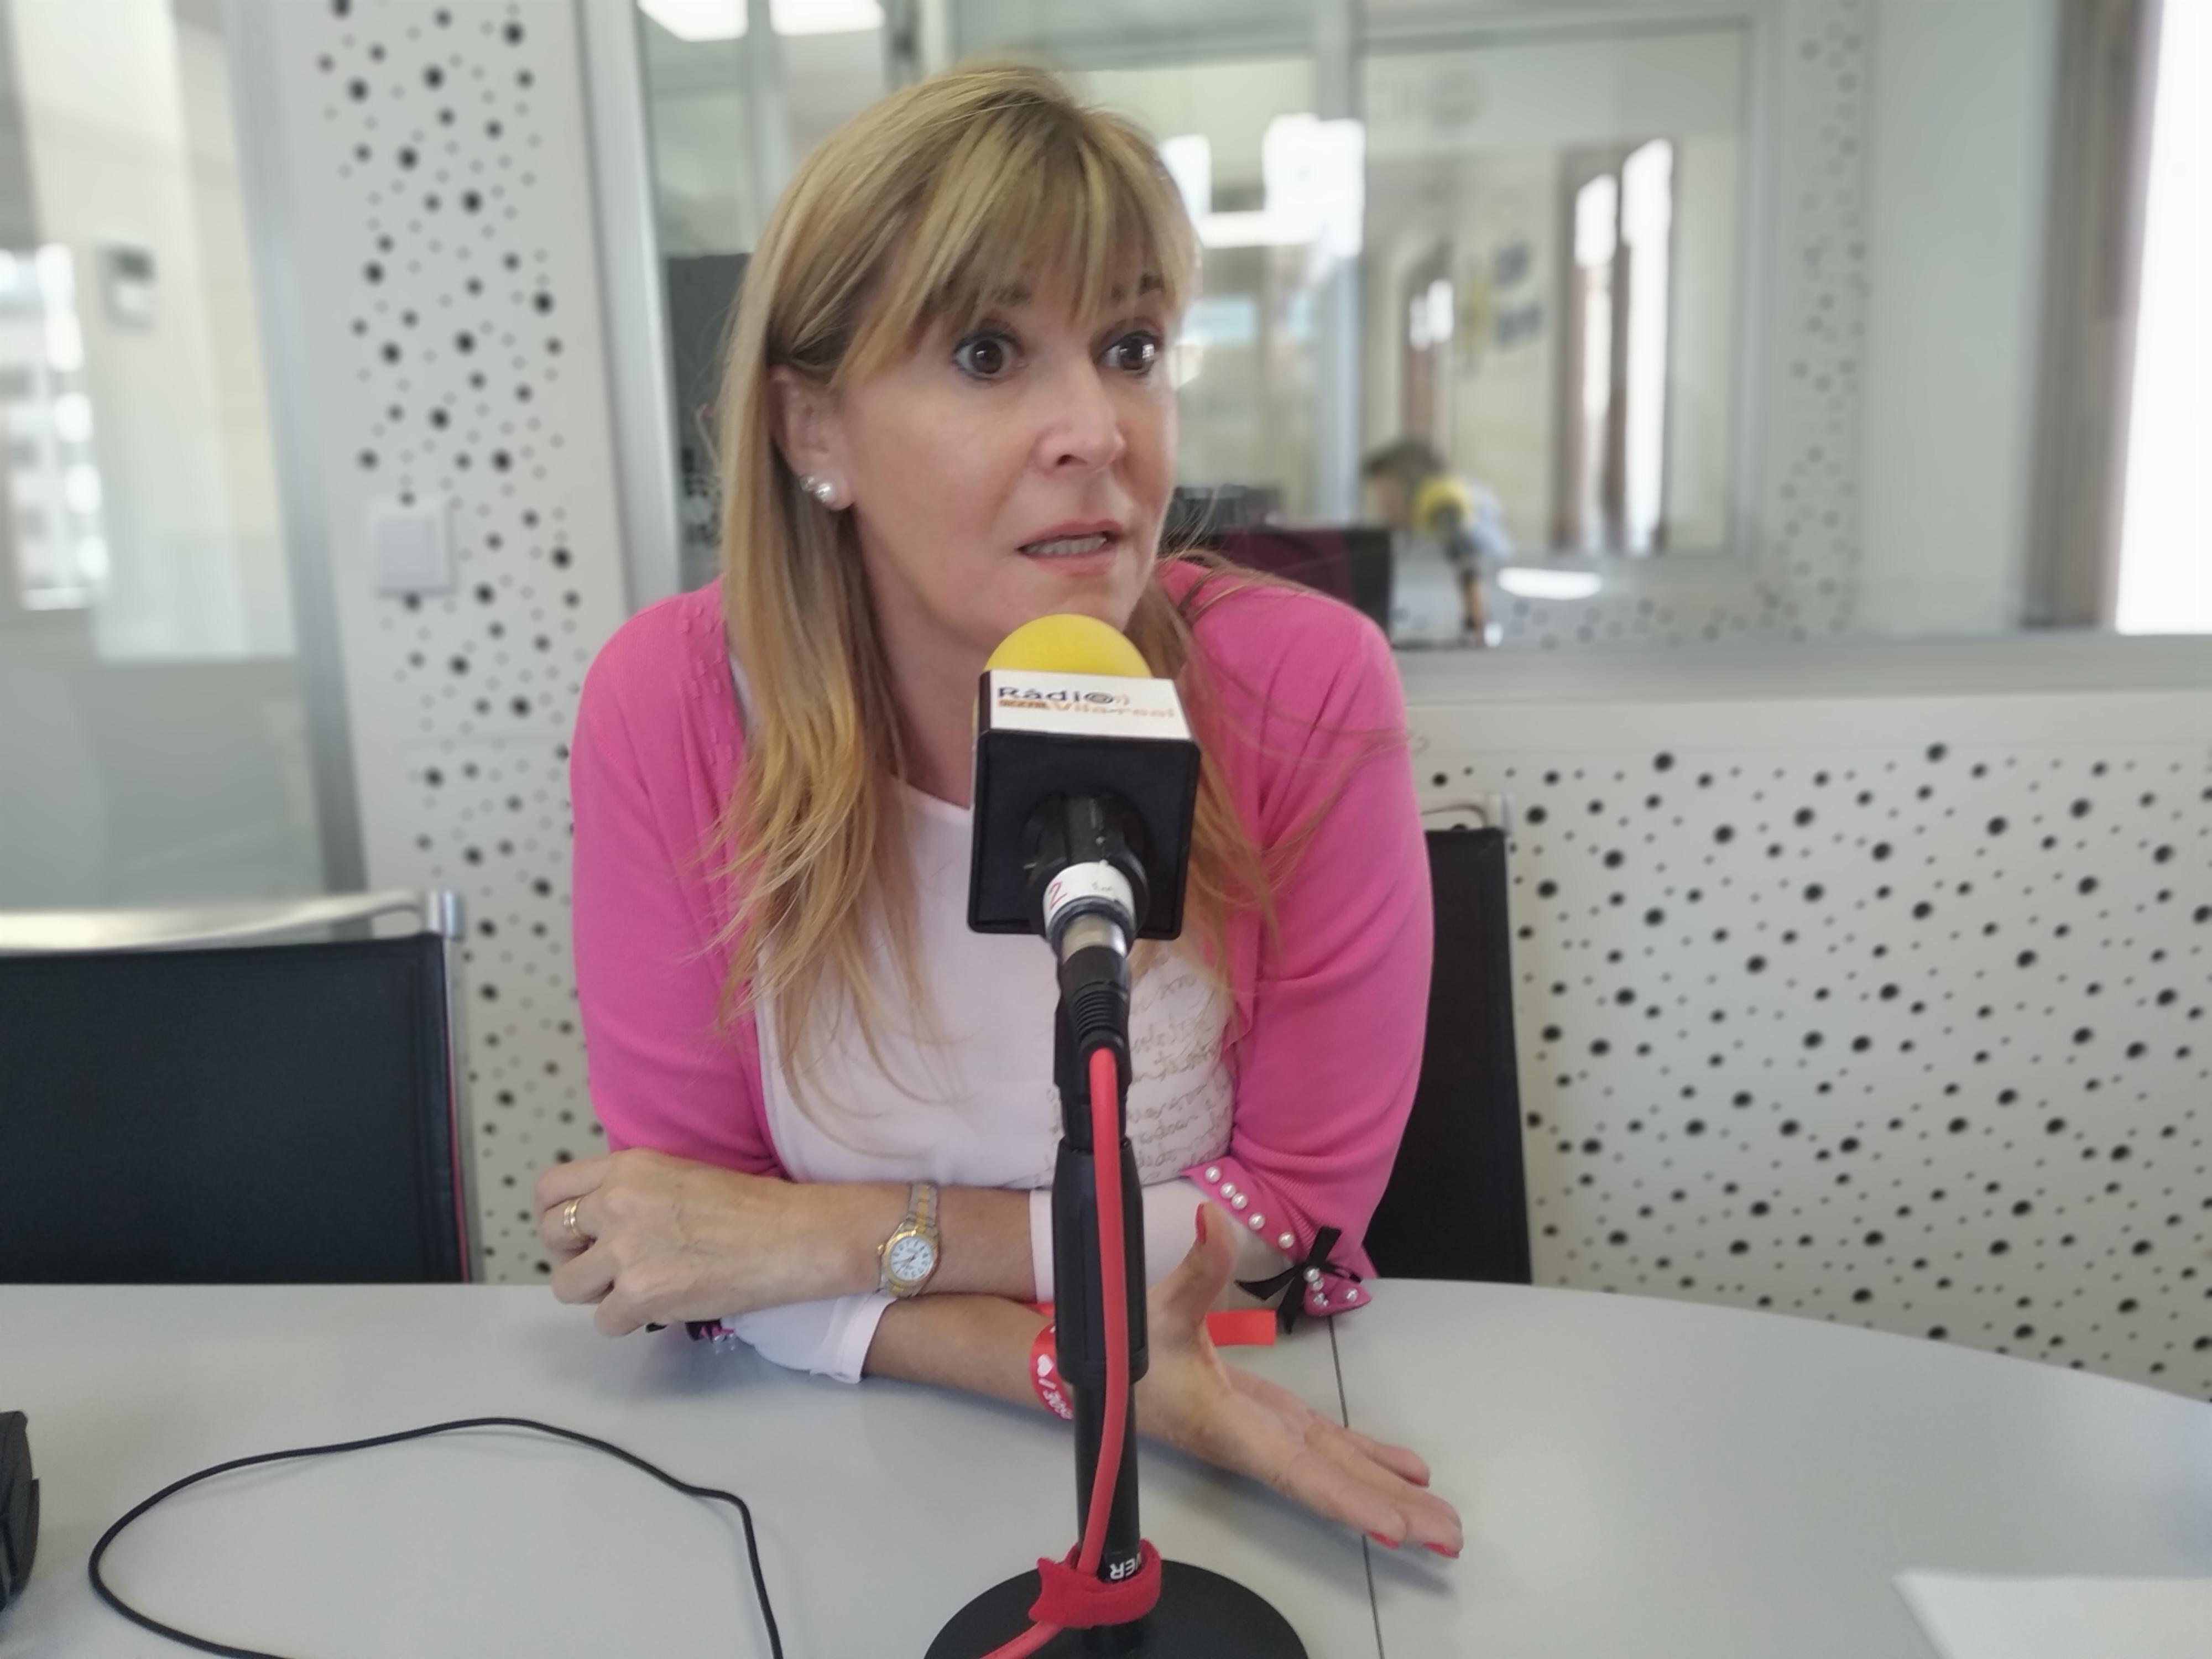 Entrevista a la candida al Congreso por el PSPV-PSOE de Castellón, Susana Ros. 8 de noviembre del 2019